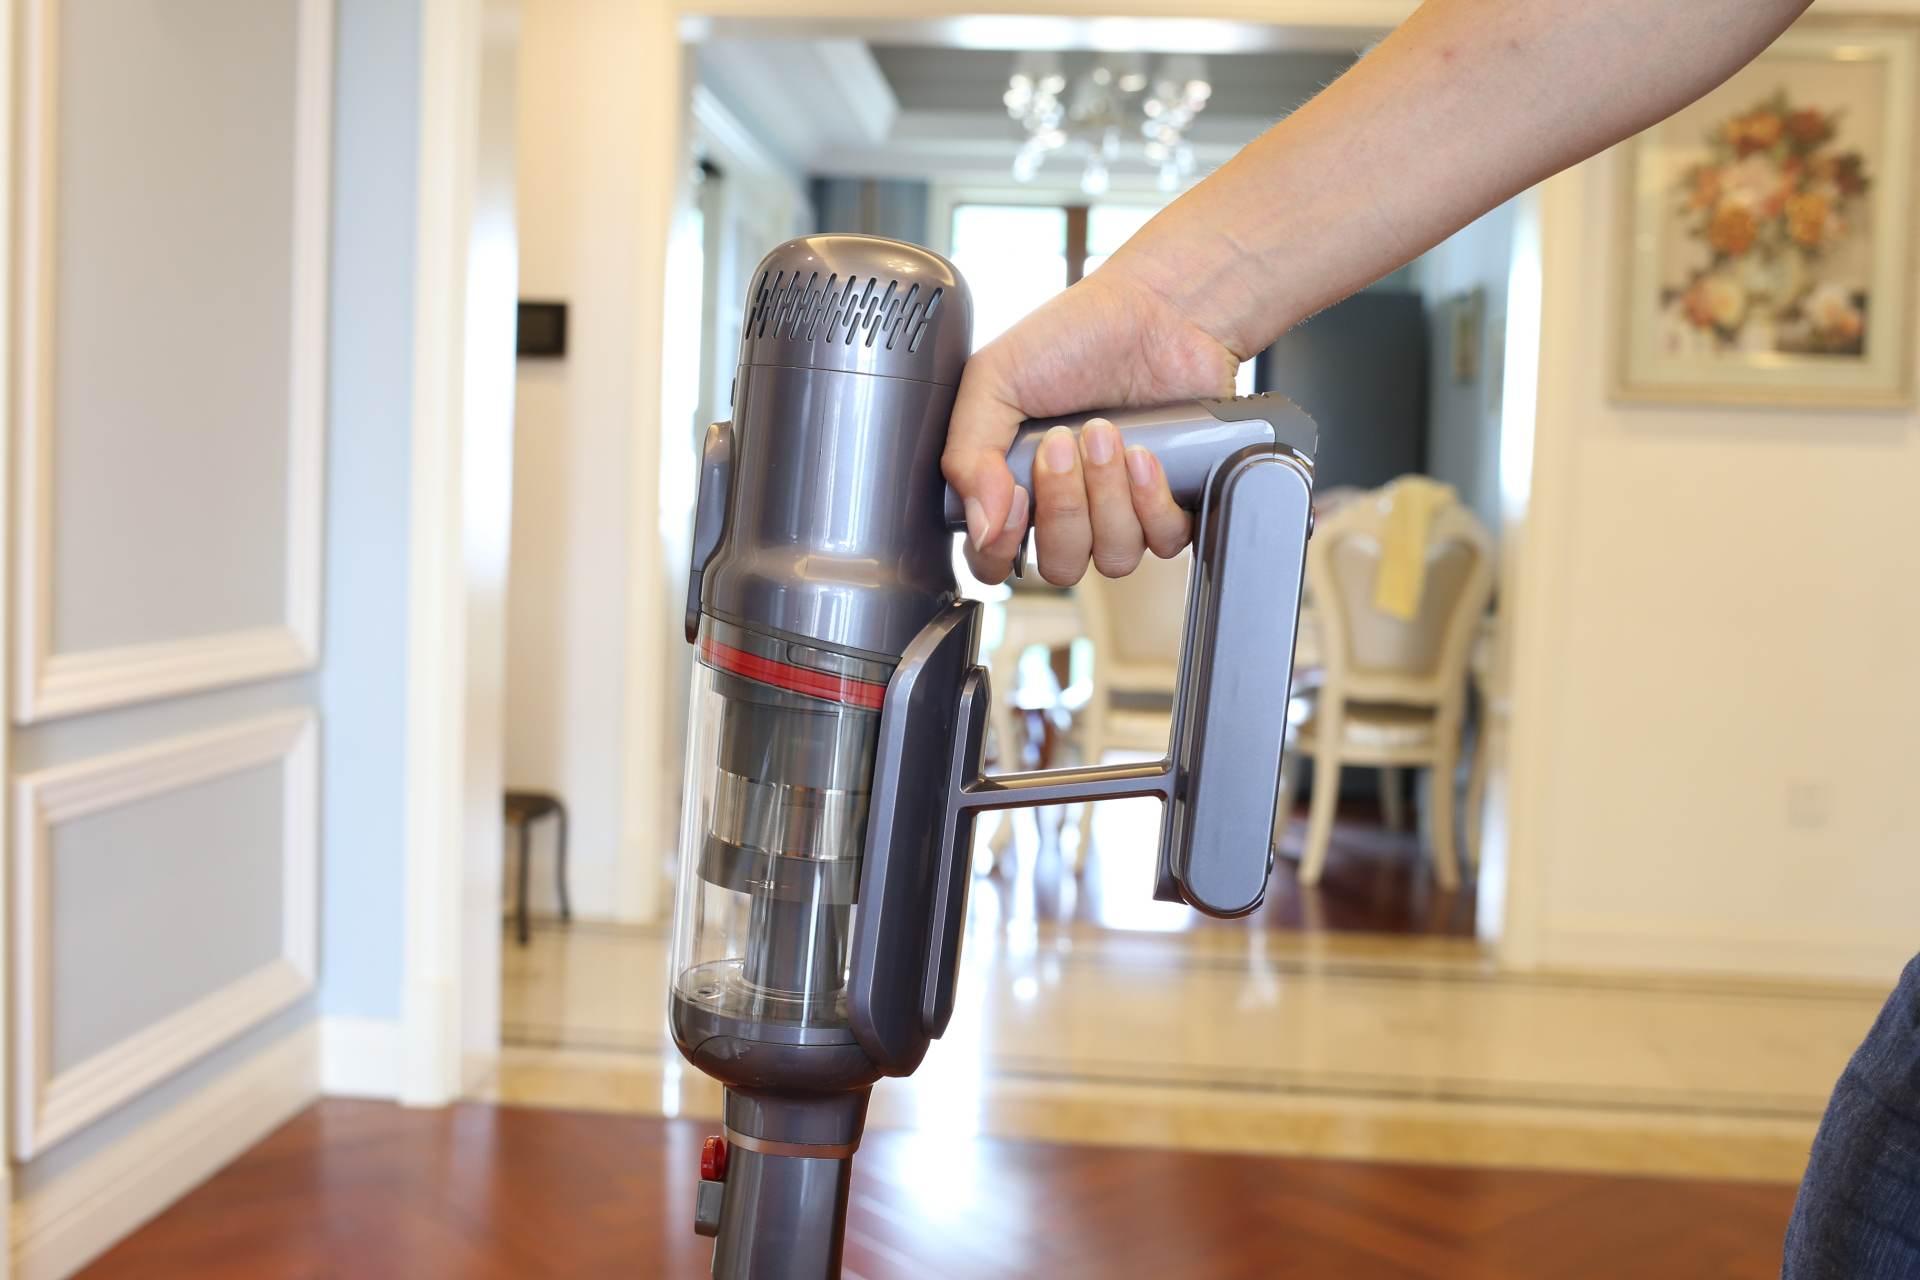 小狗T12 Plus Rinse擦地吸尘器,旋转擦地省时省力